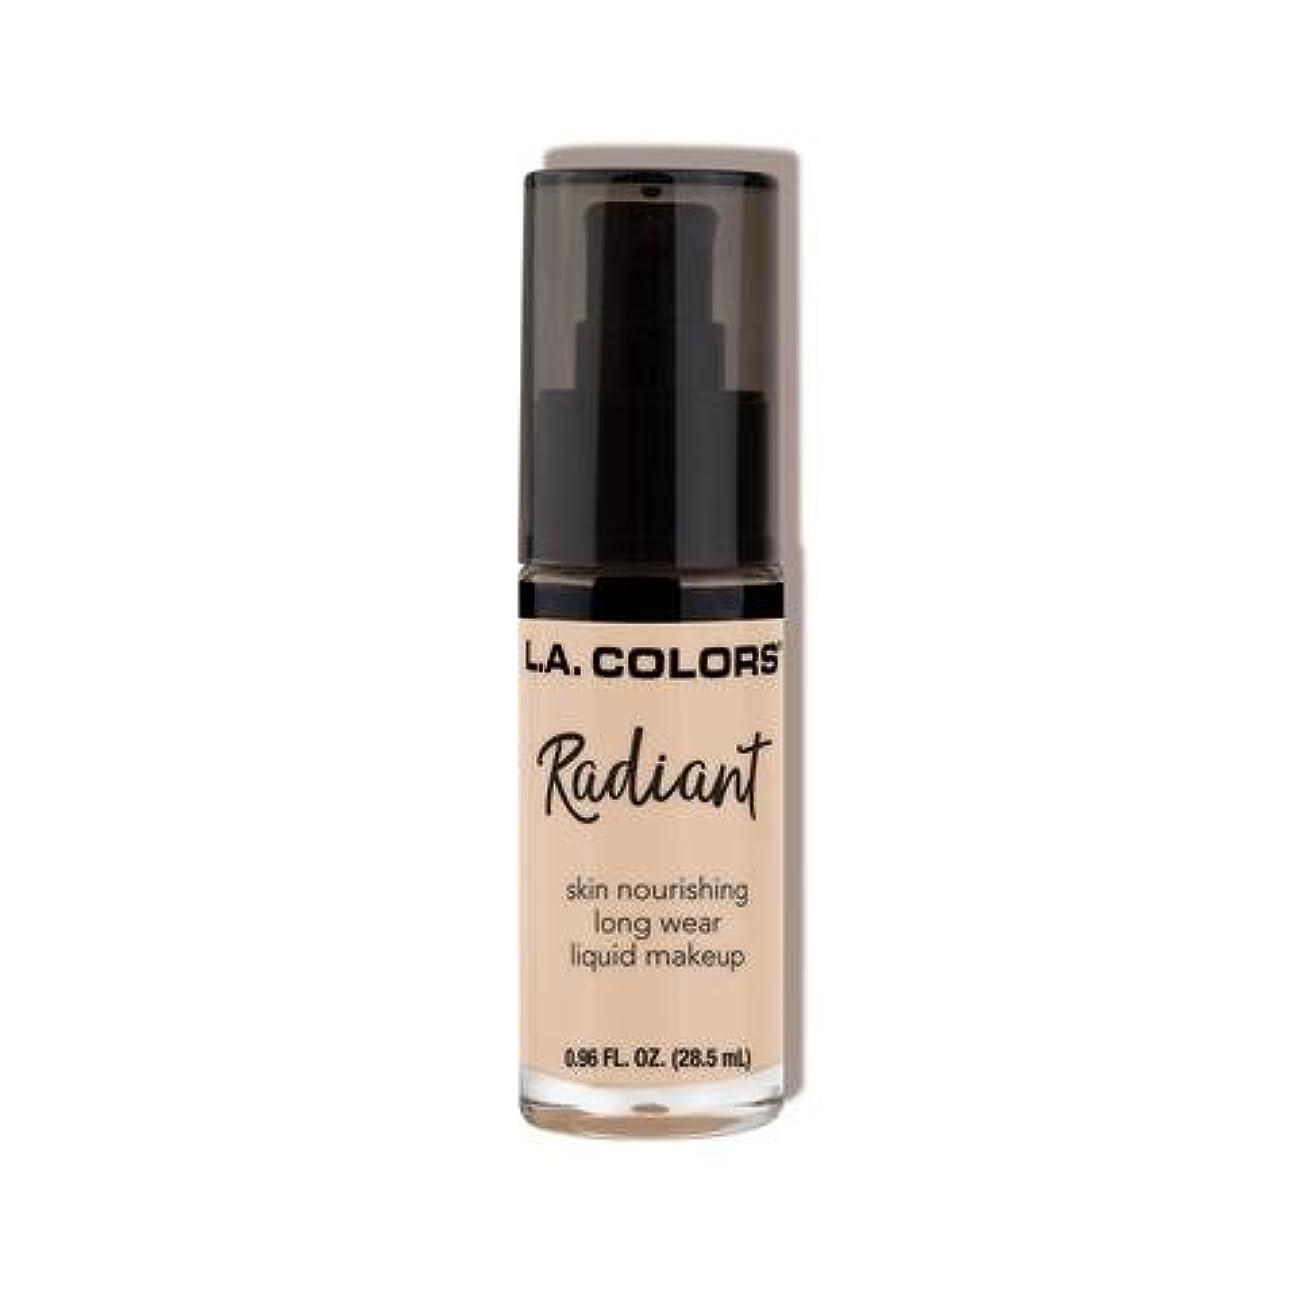 残酷欠席注ぎます(3 Pack) L.A. COLORS Radiant Liquid Makeup - Vanilla (並行輸入品)